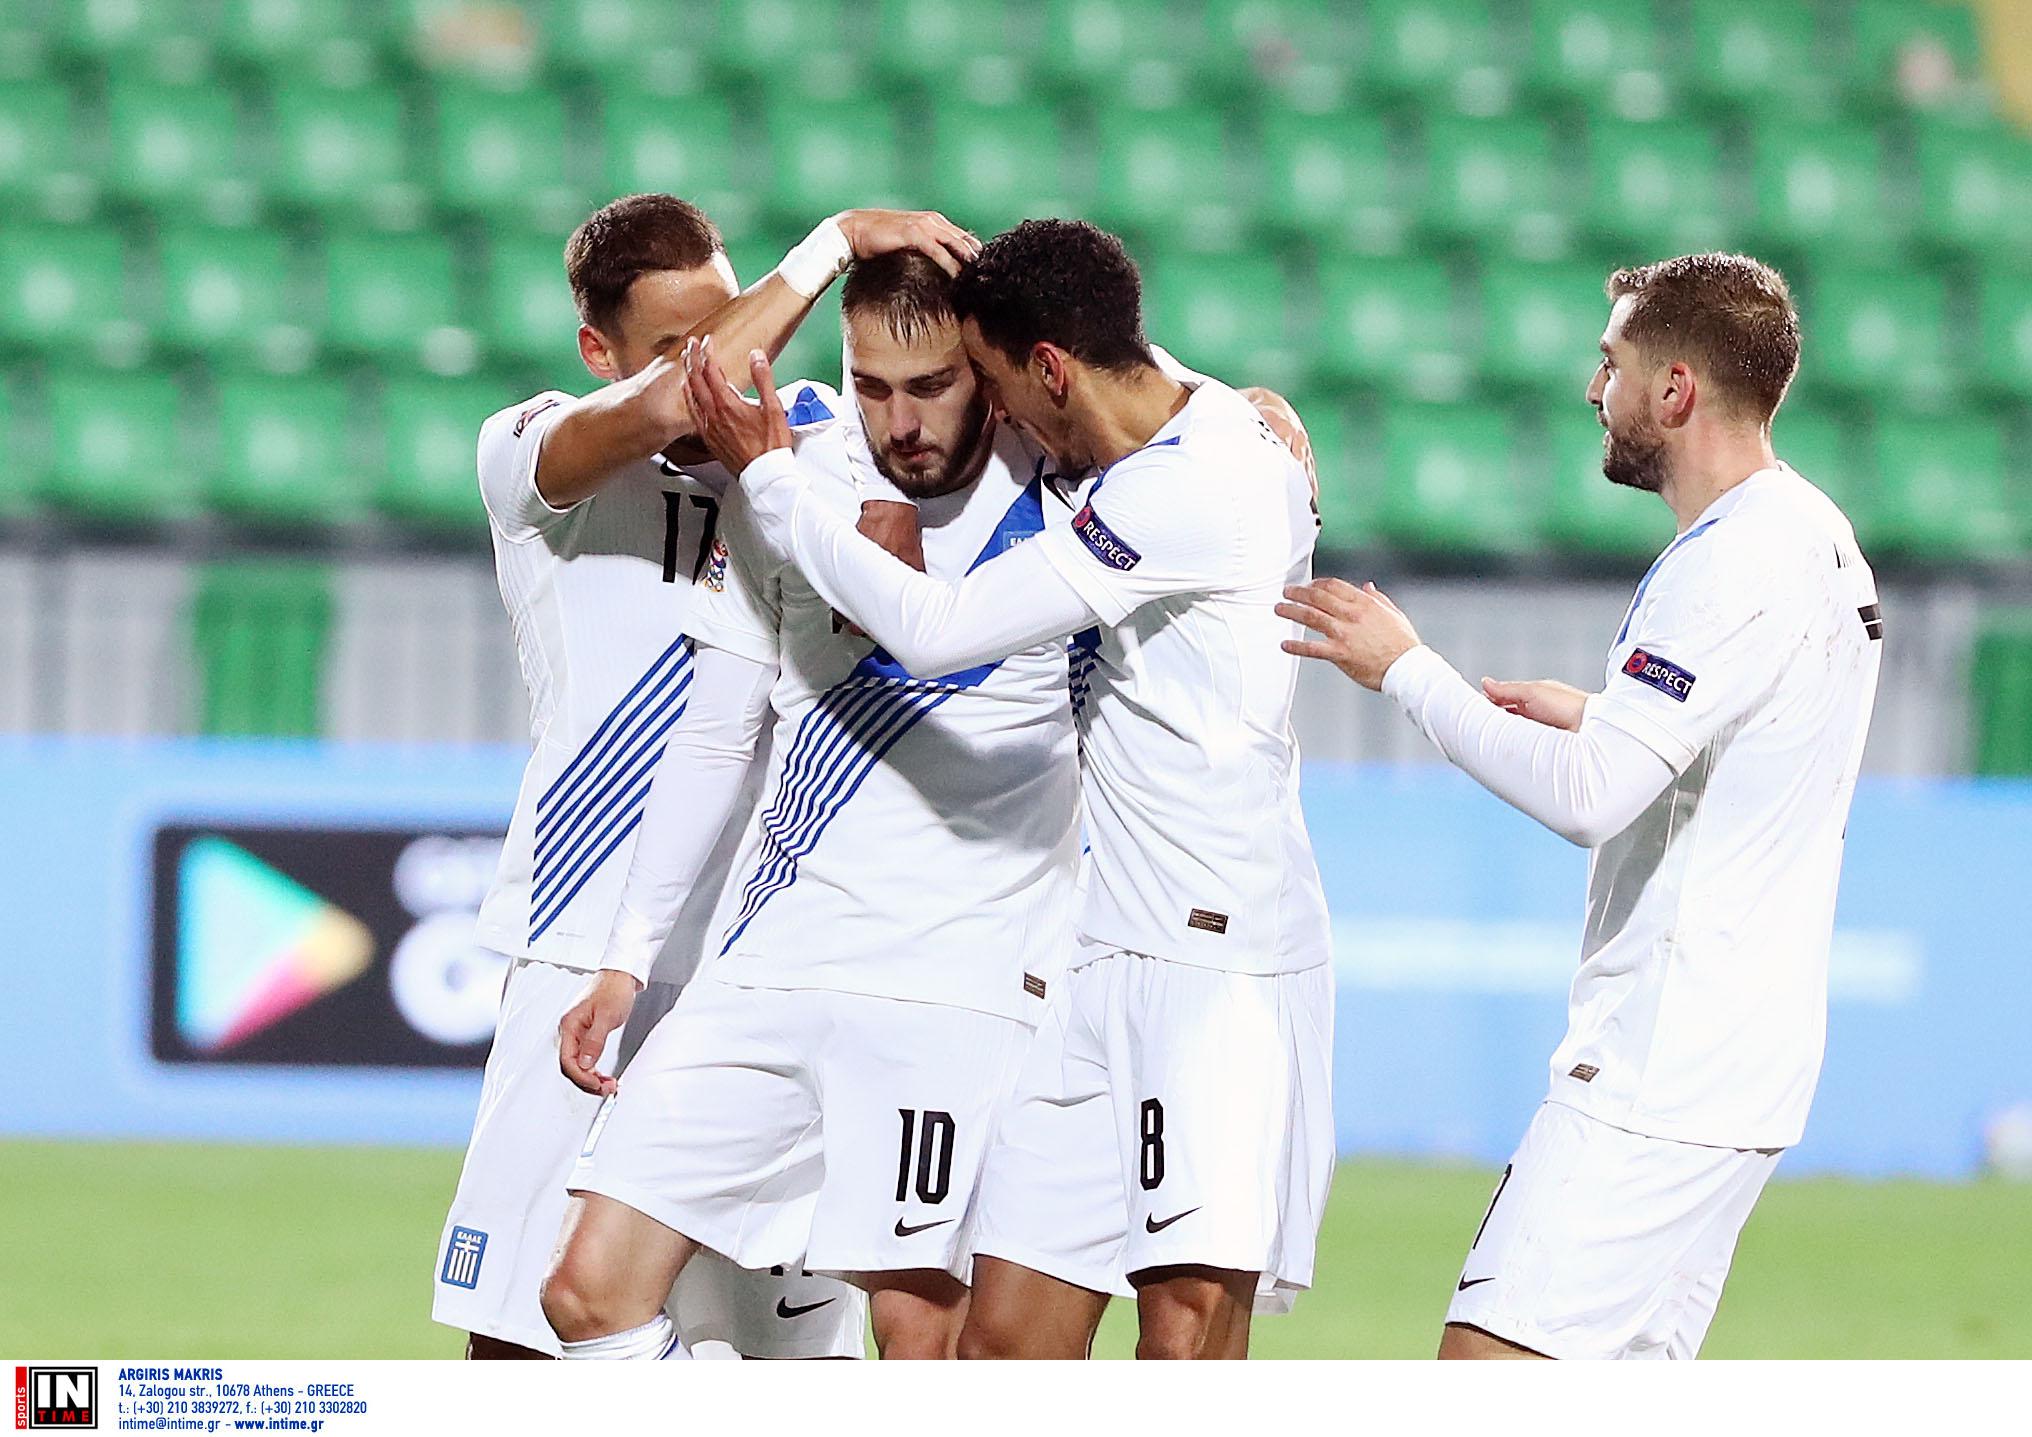 """Μολδαβία – Ελλάδα: Έκανε το… εθνικό της καθήκον με σούπερ Φορτούνη! Ακολουθεί """"τελικός"""" με Σλοβενία (video)"""